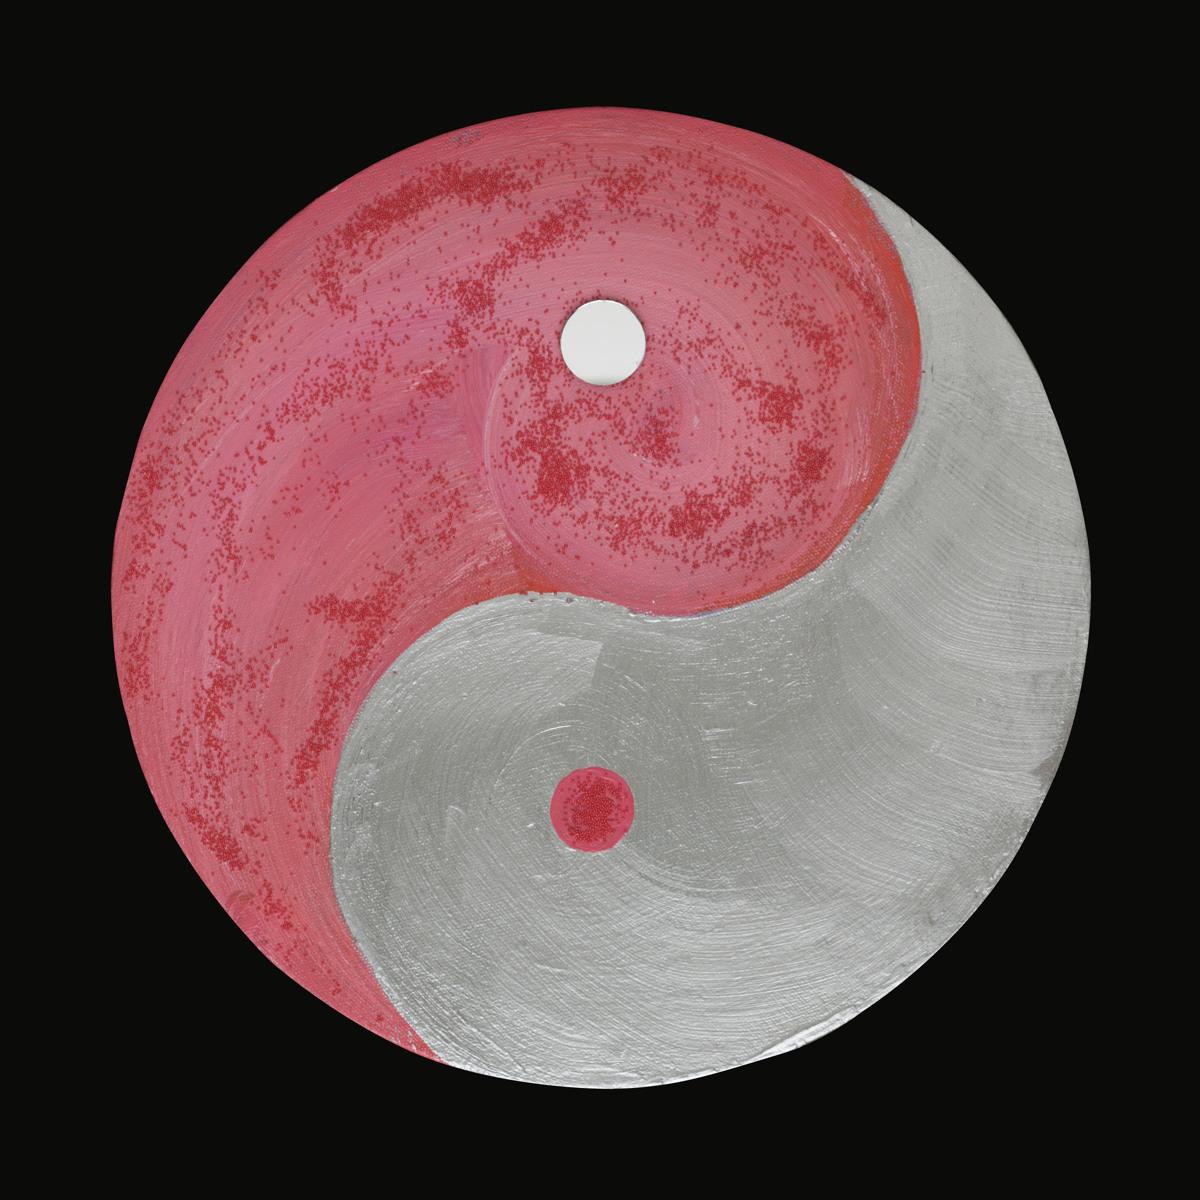 Yin & Yang  (large view)